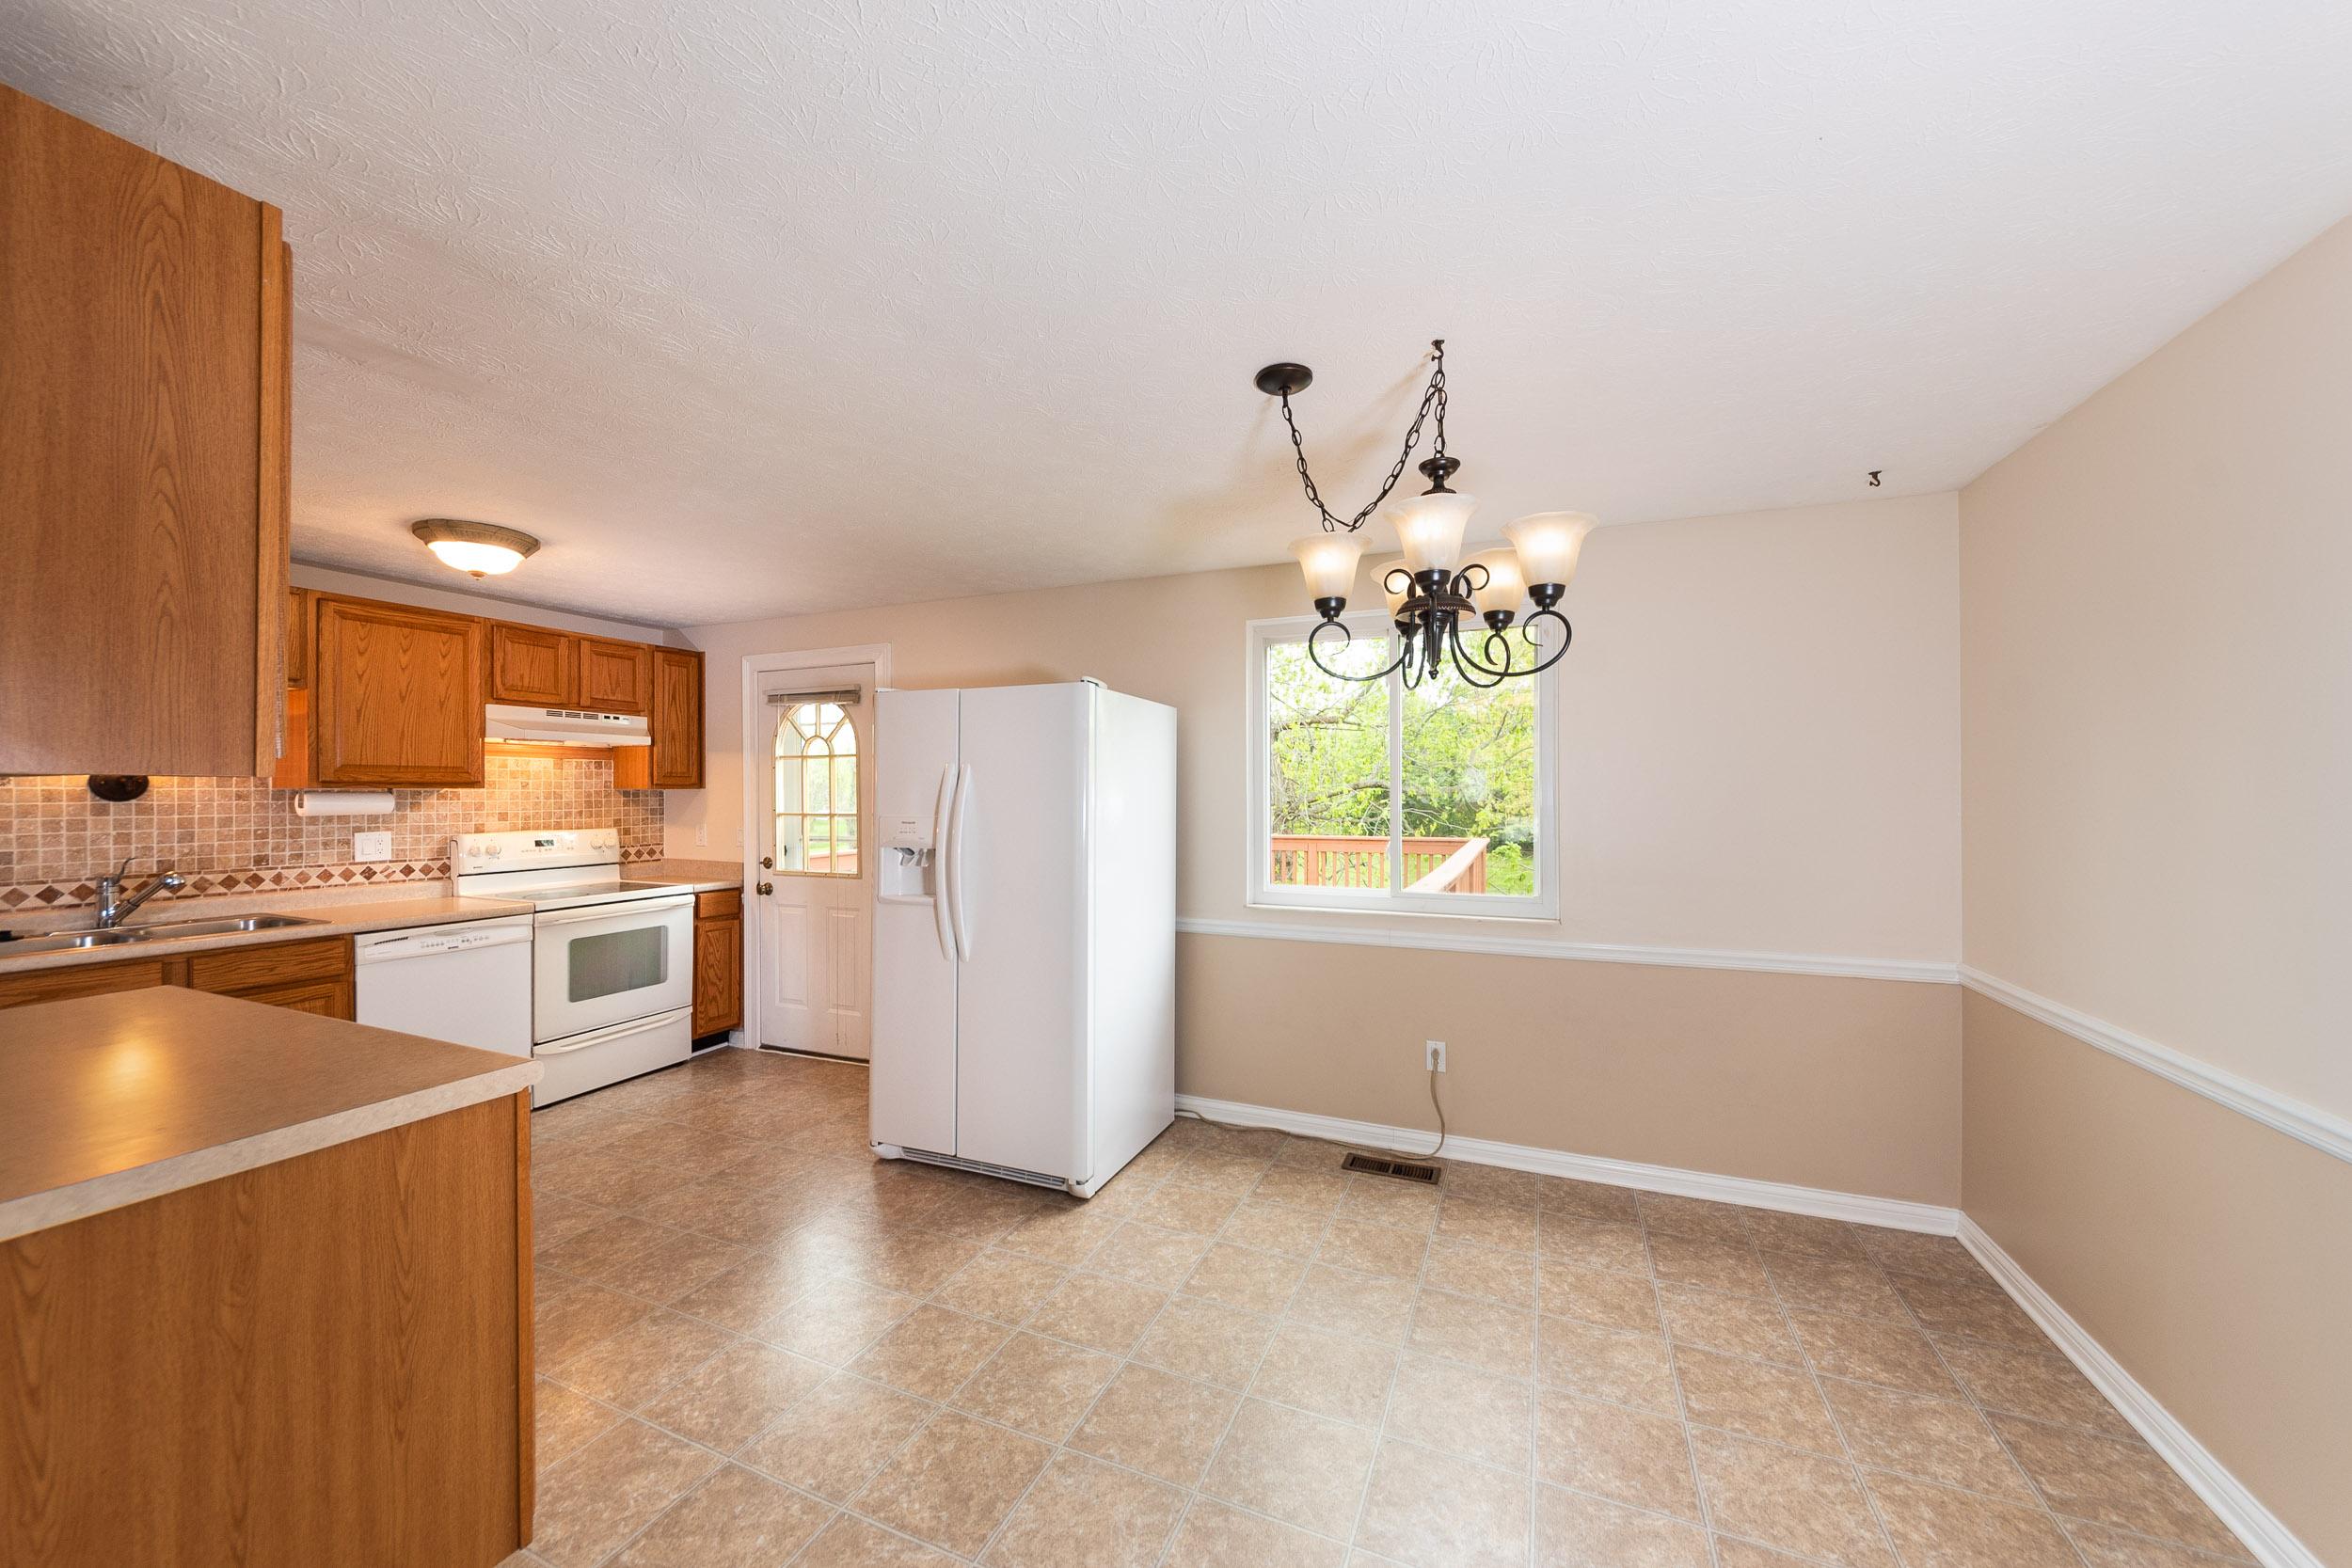 7921 Albritton Place_Kitchen and nook) (4).jpg